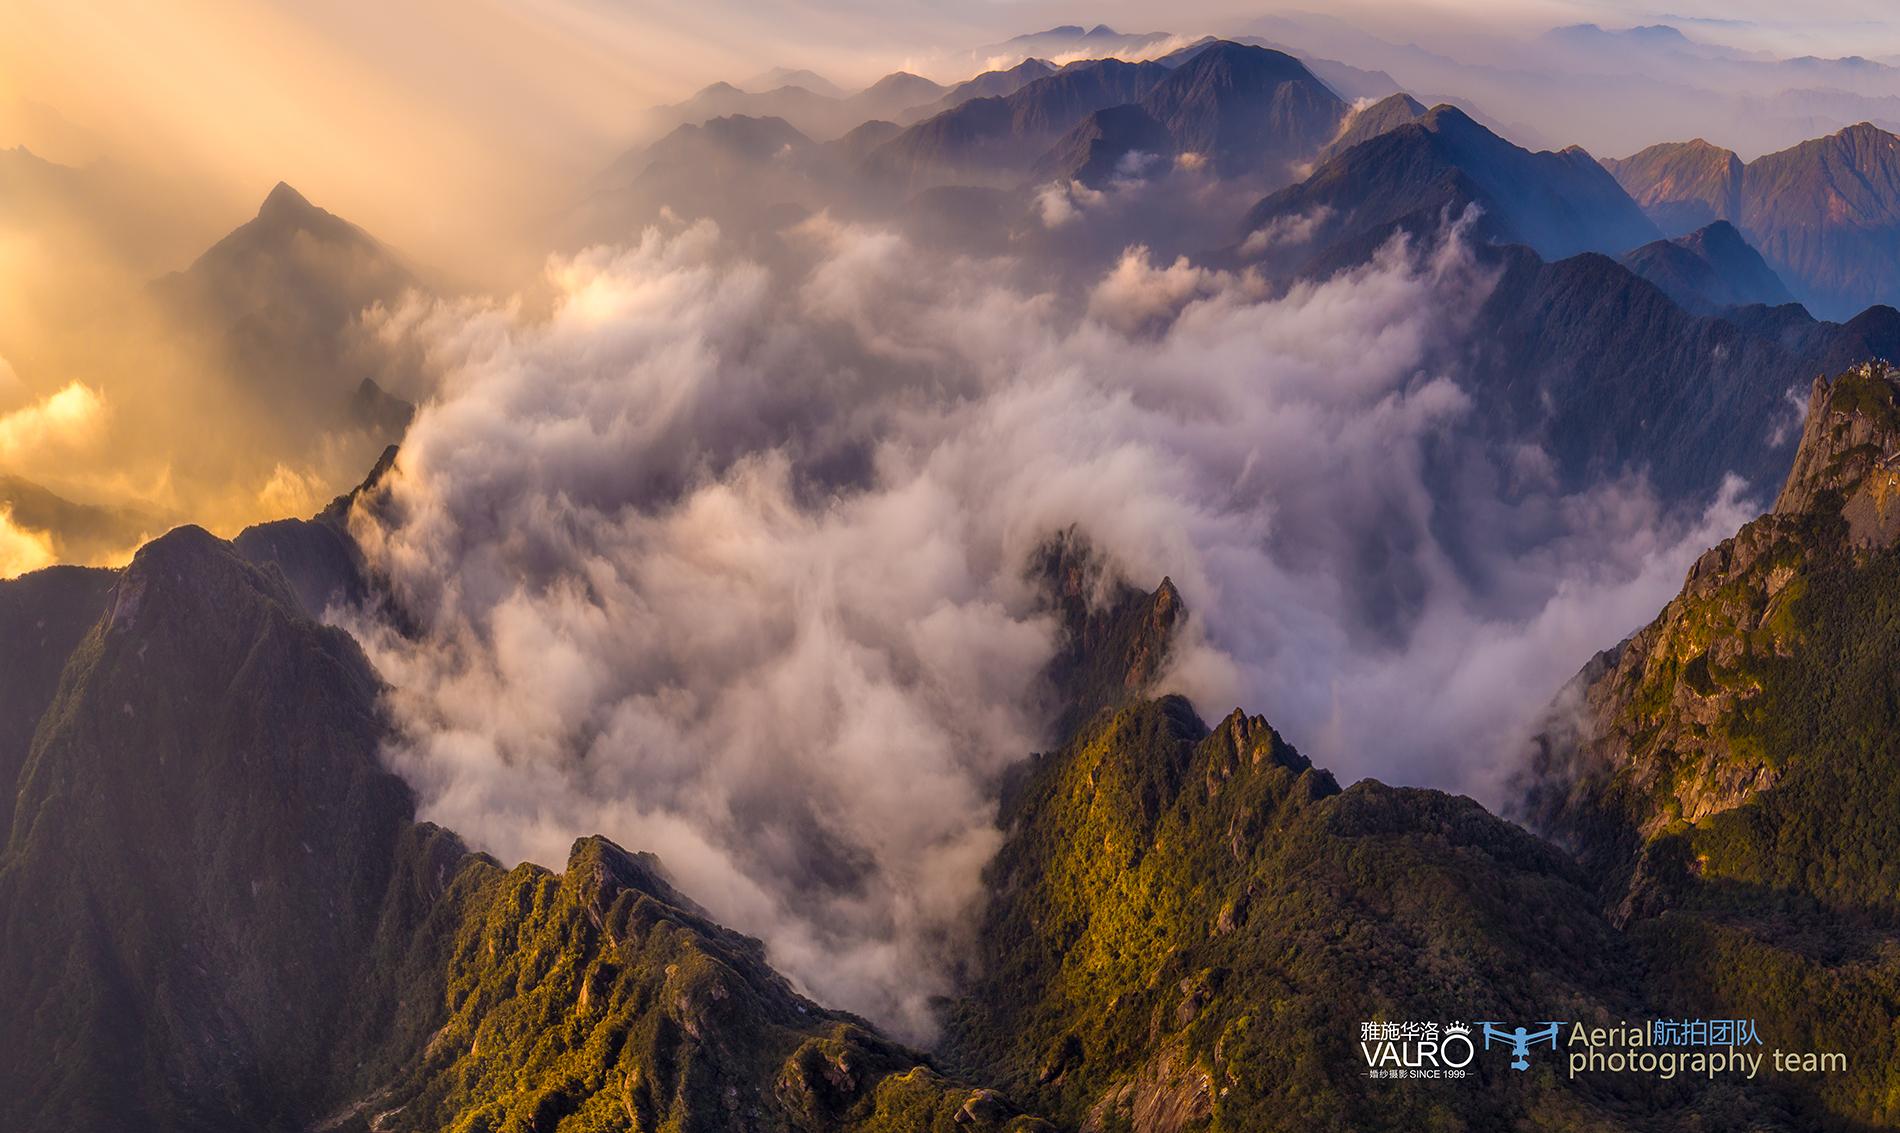 我们登上山顶,以为征服了世界,飞上天后才发现只不过在盆景上的一个点而已 ... ...